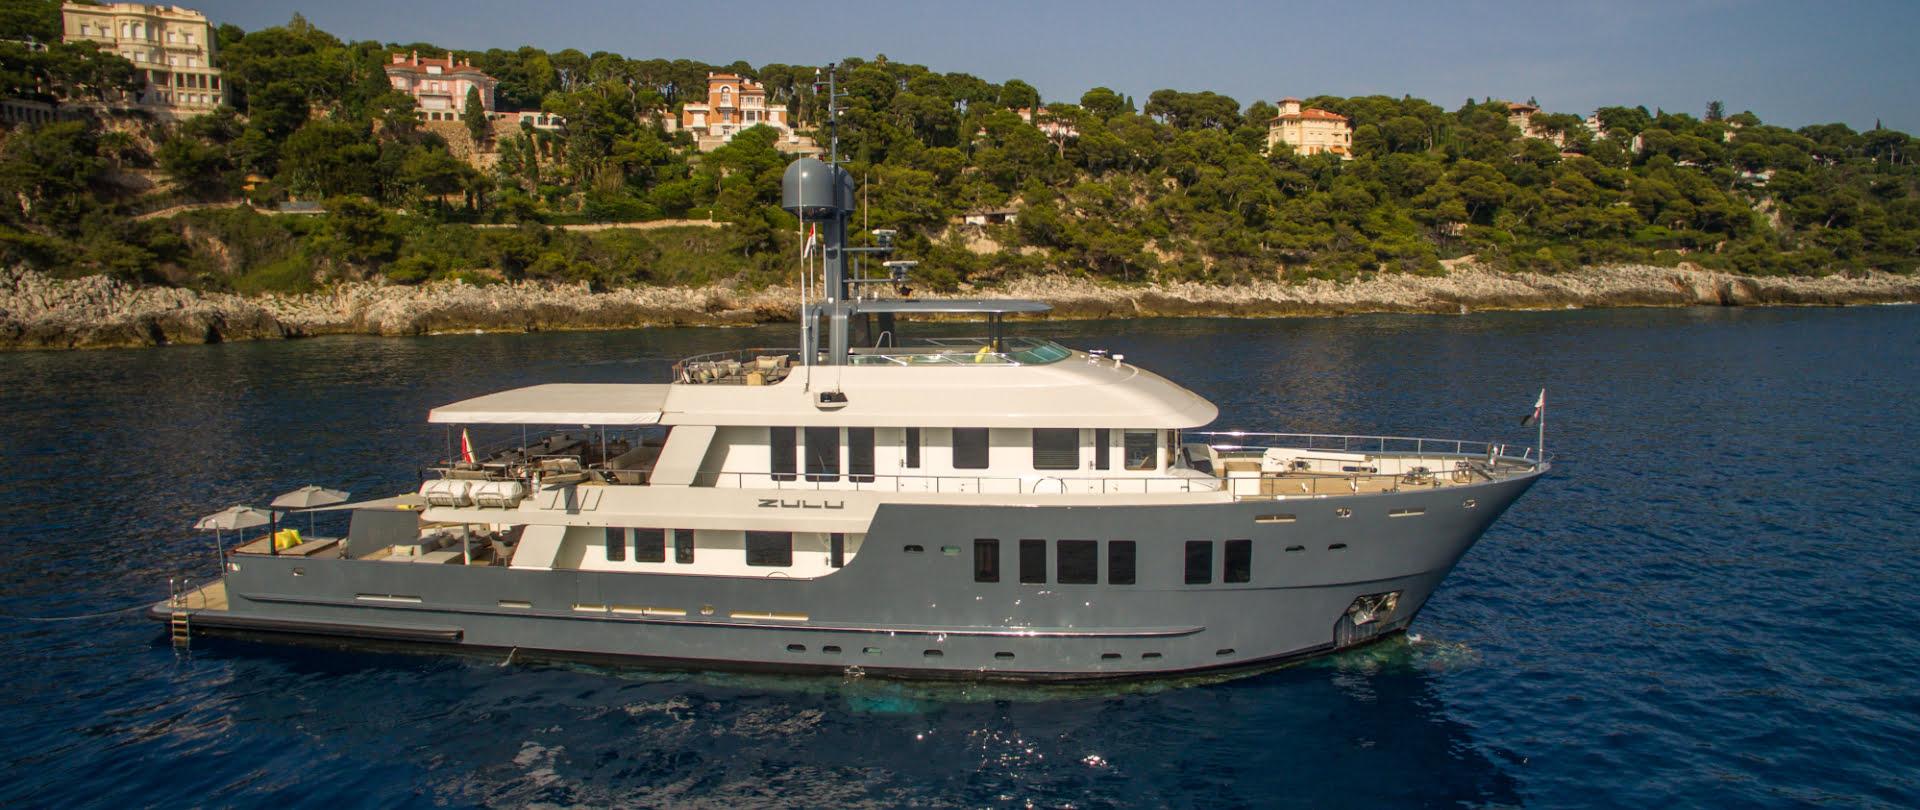 Superyacht Zulu by Inace Yachts